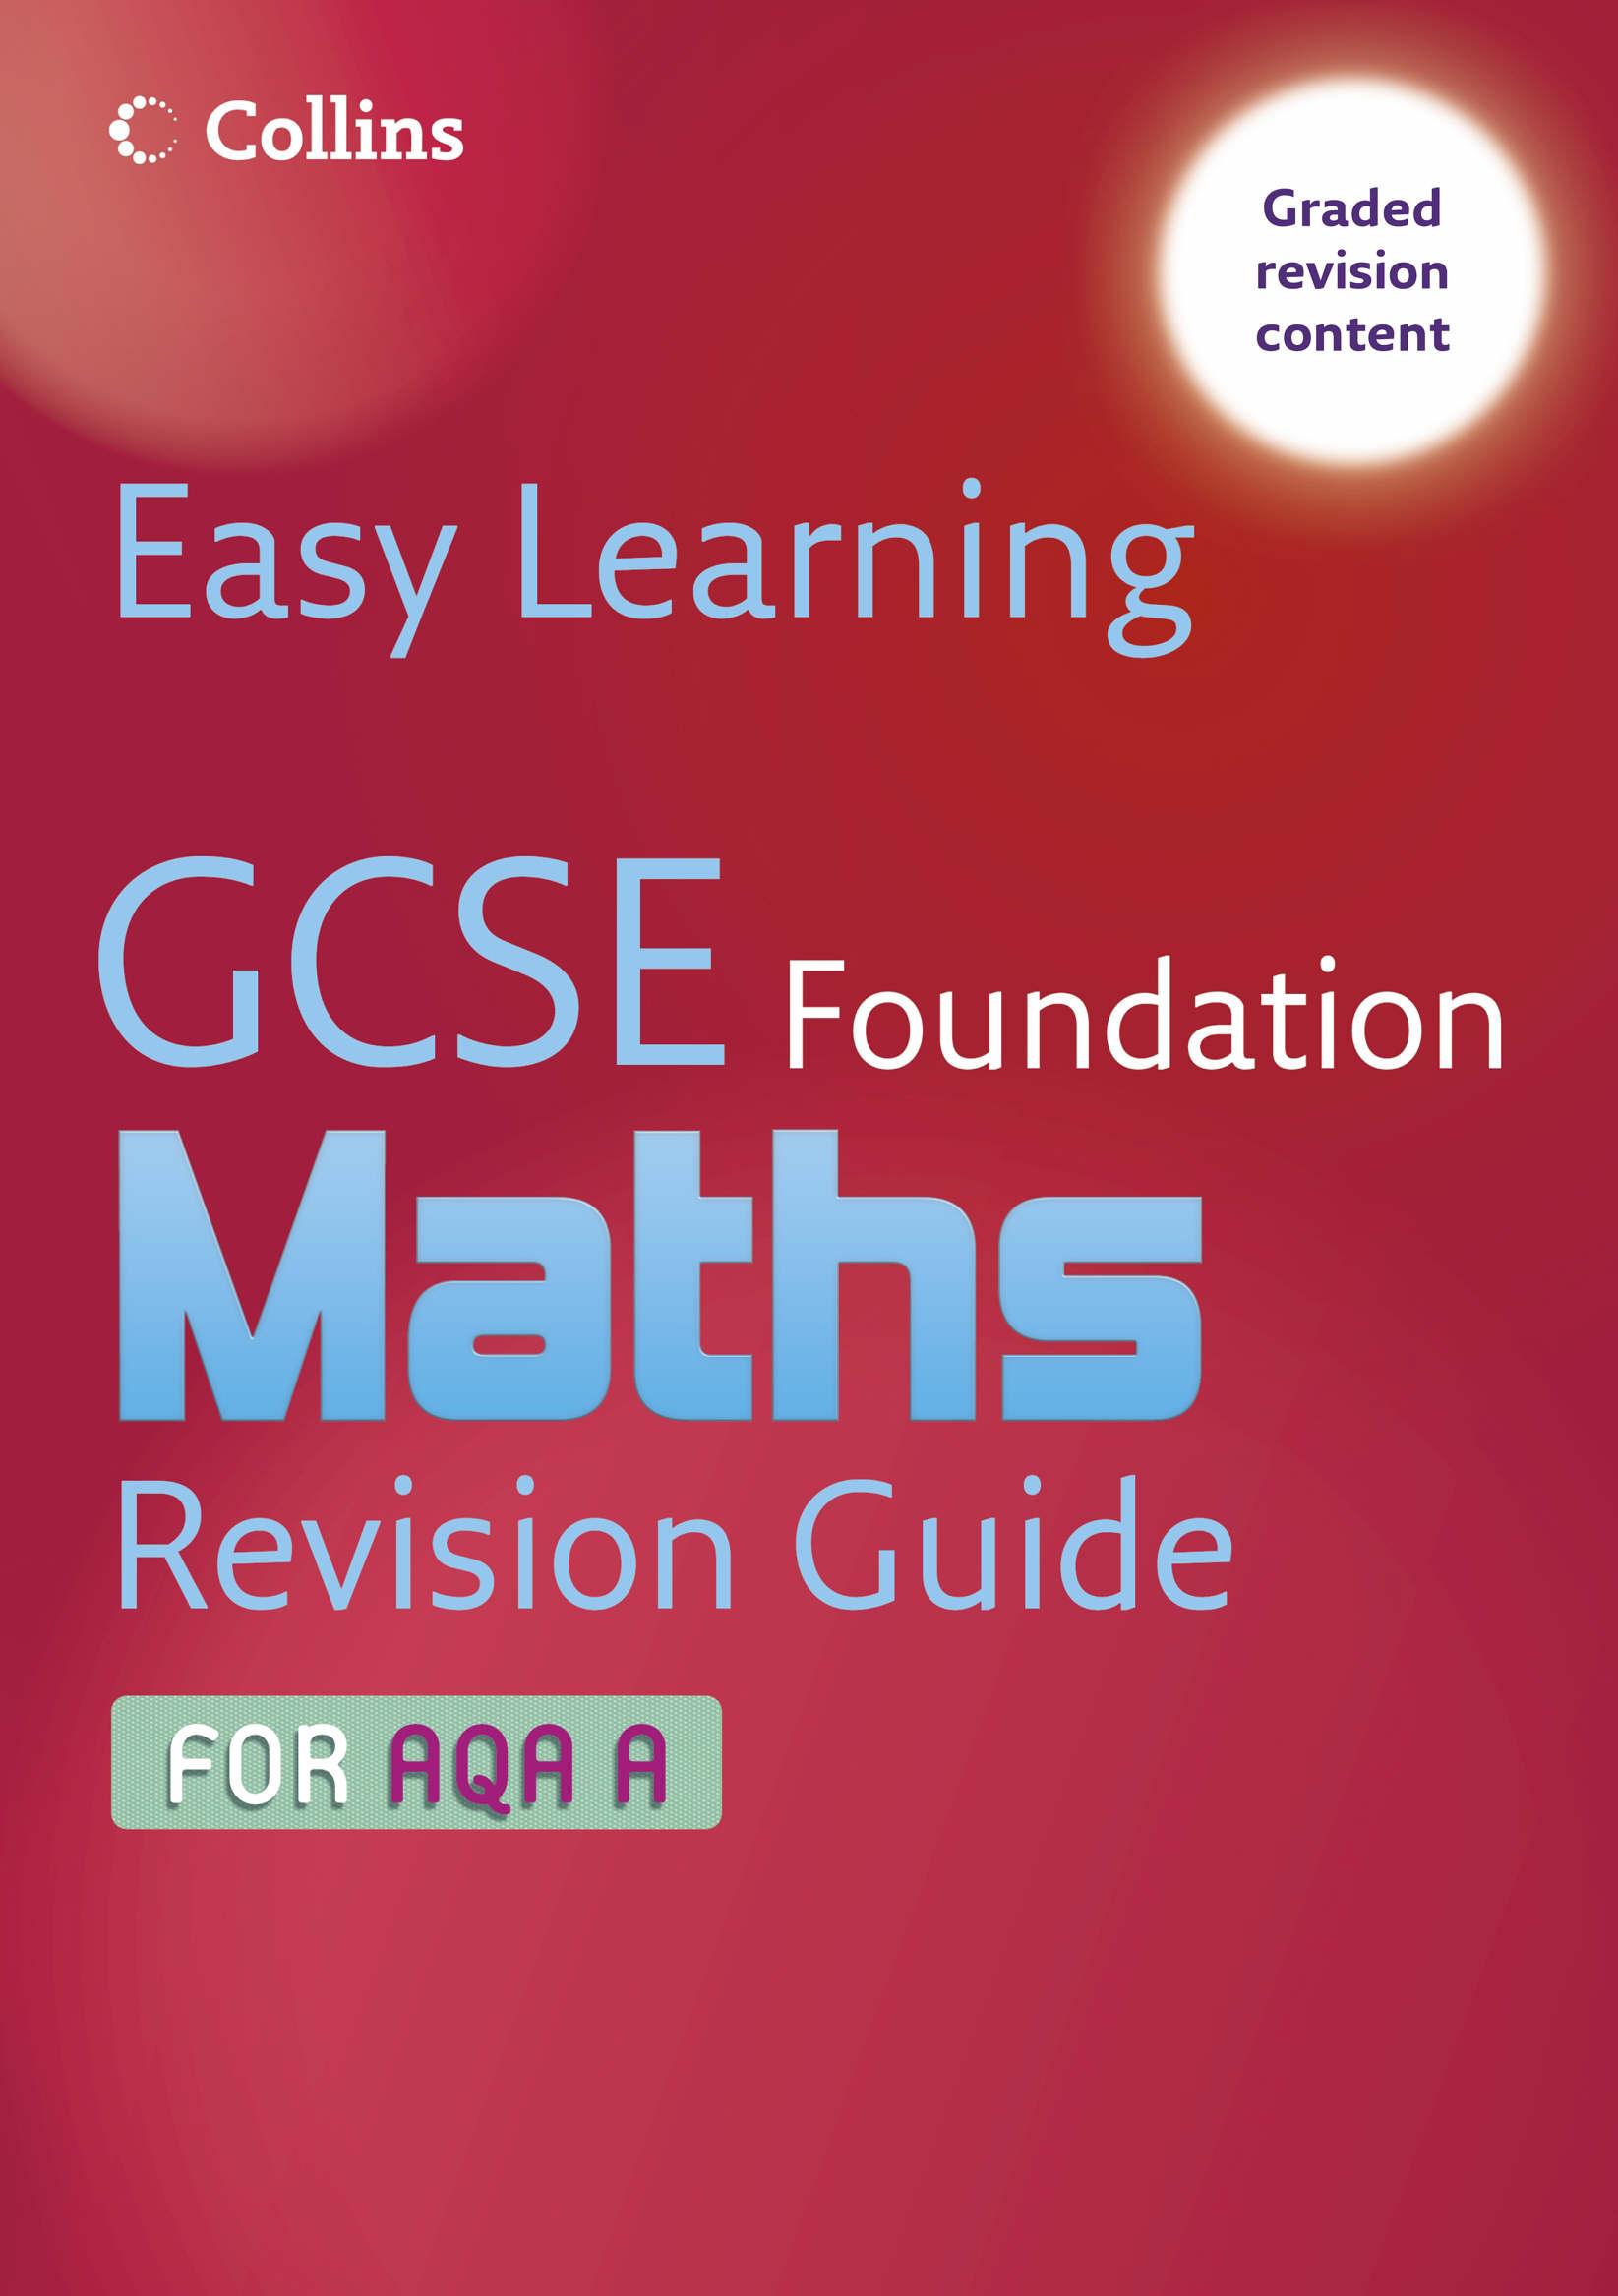 Seneca | Free Revision & Homework Tool for A Level, GCSE ...